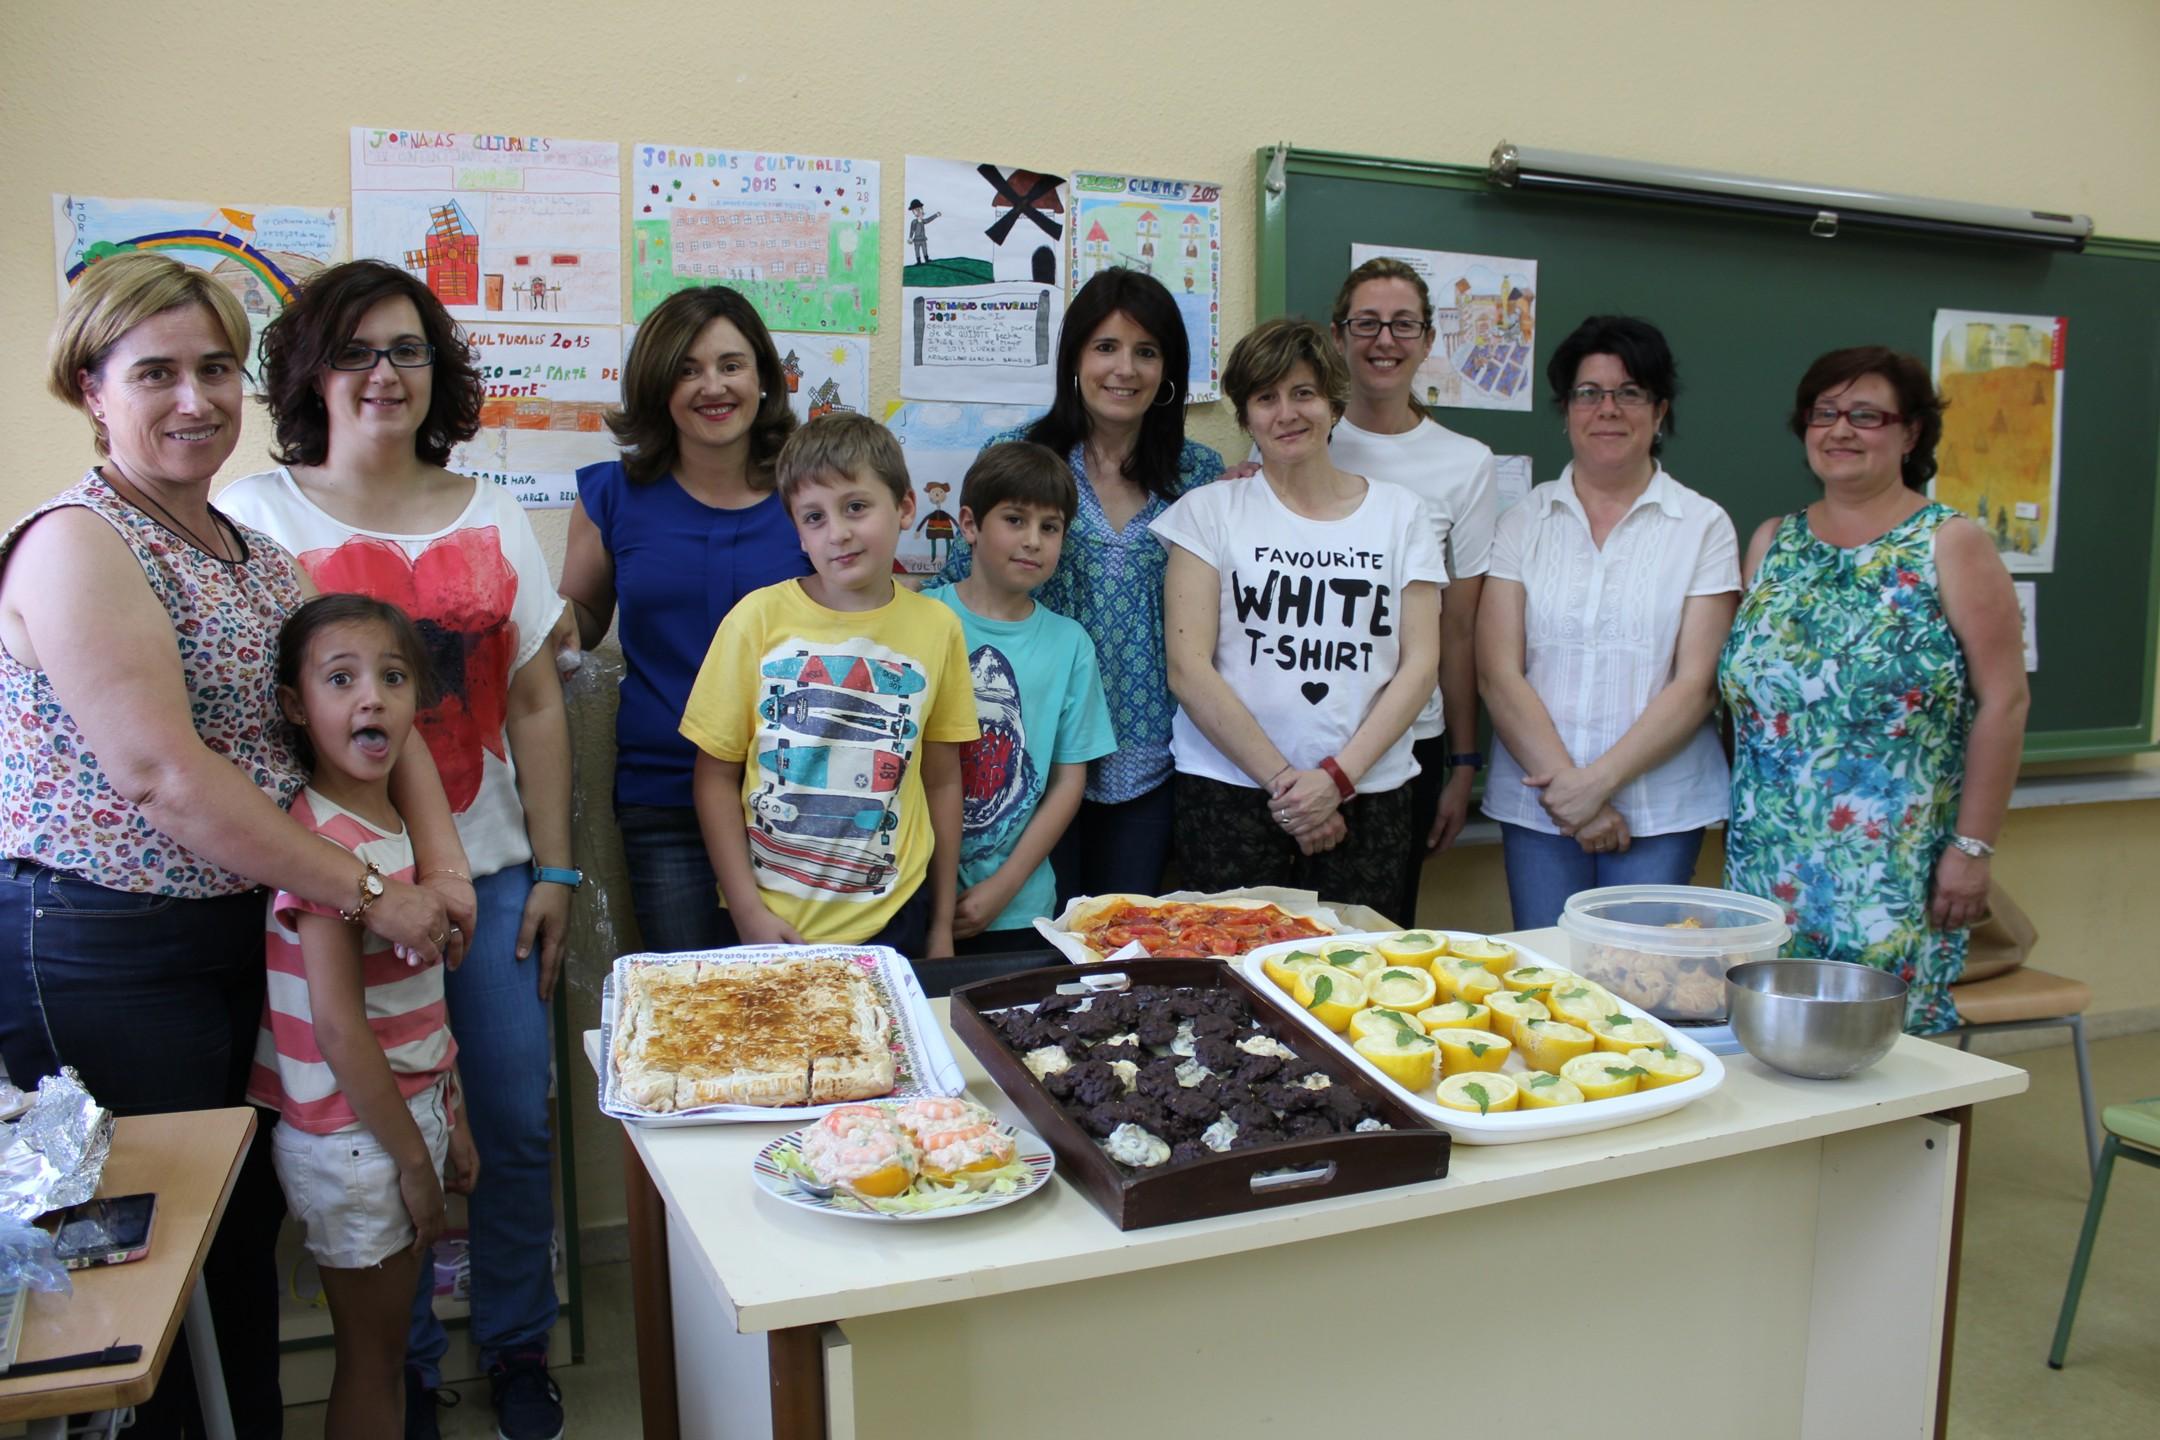 Clausurado el Taller de Cocina Saludable en Villanueva de los Infantes